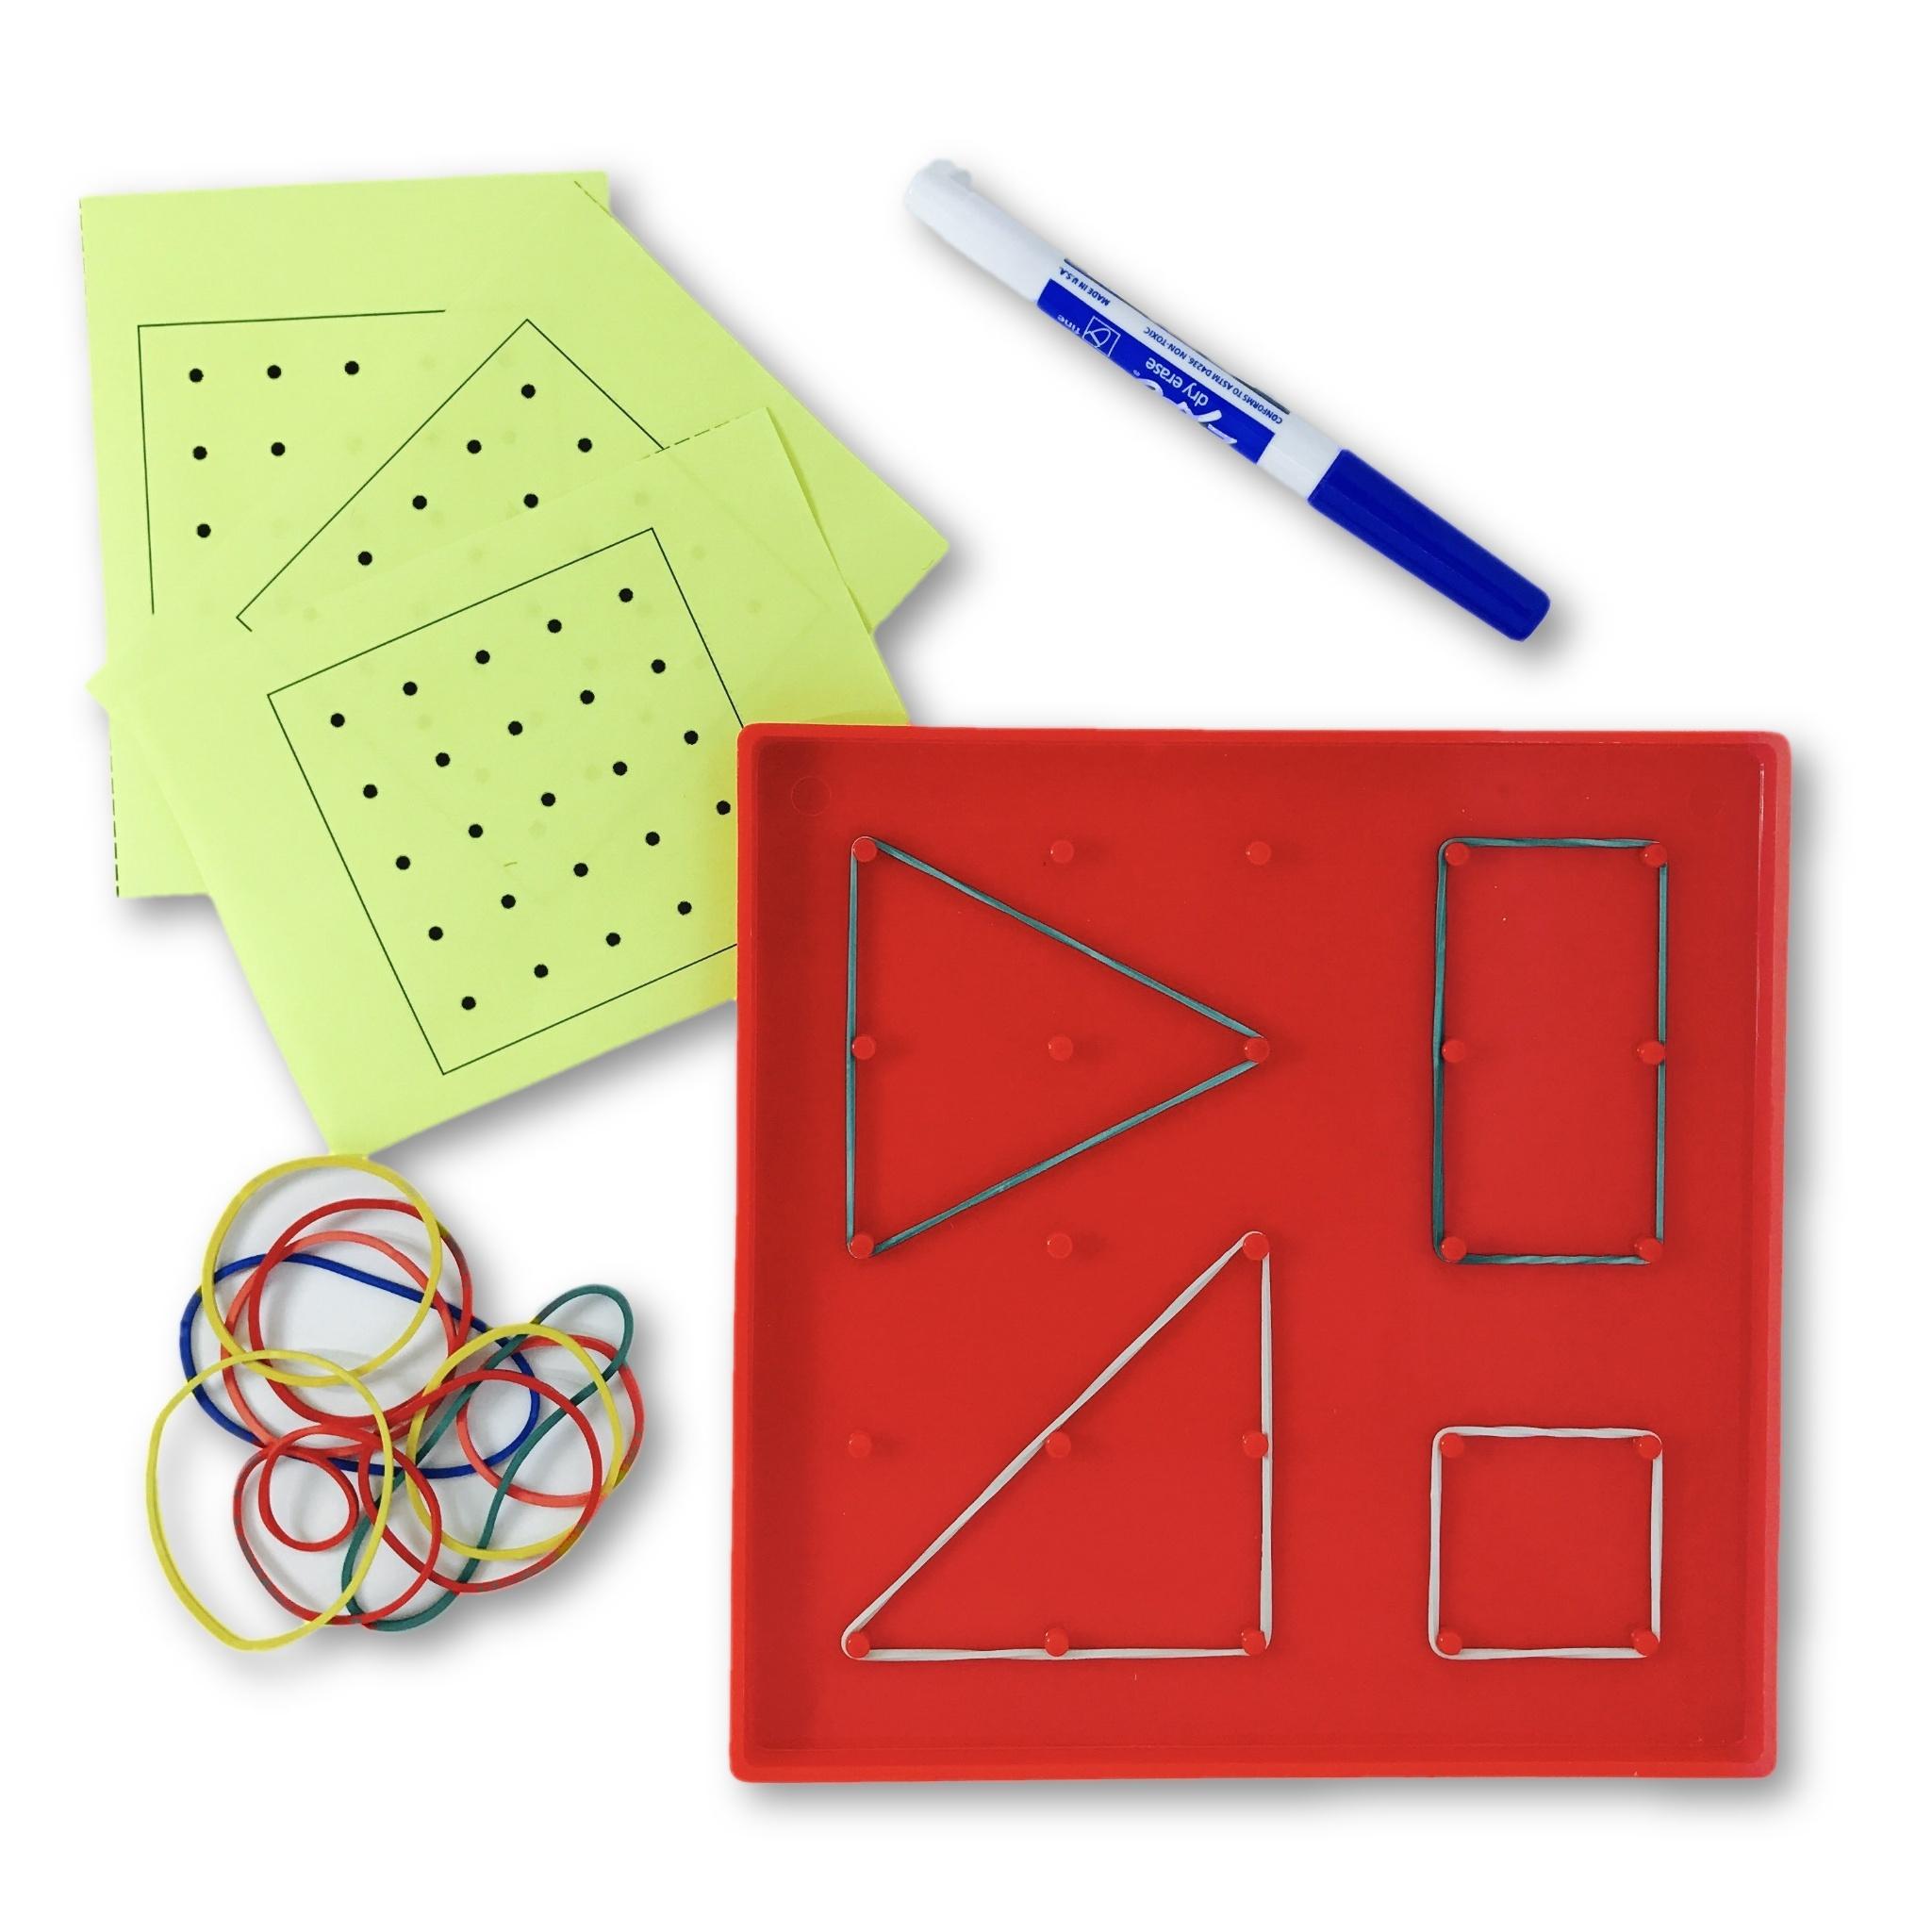 Kindergarten Geometry - Shapes on the Geoboard